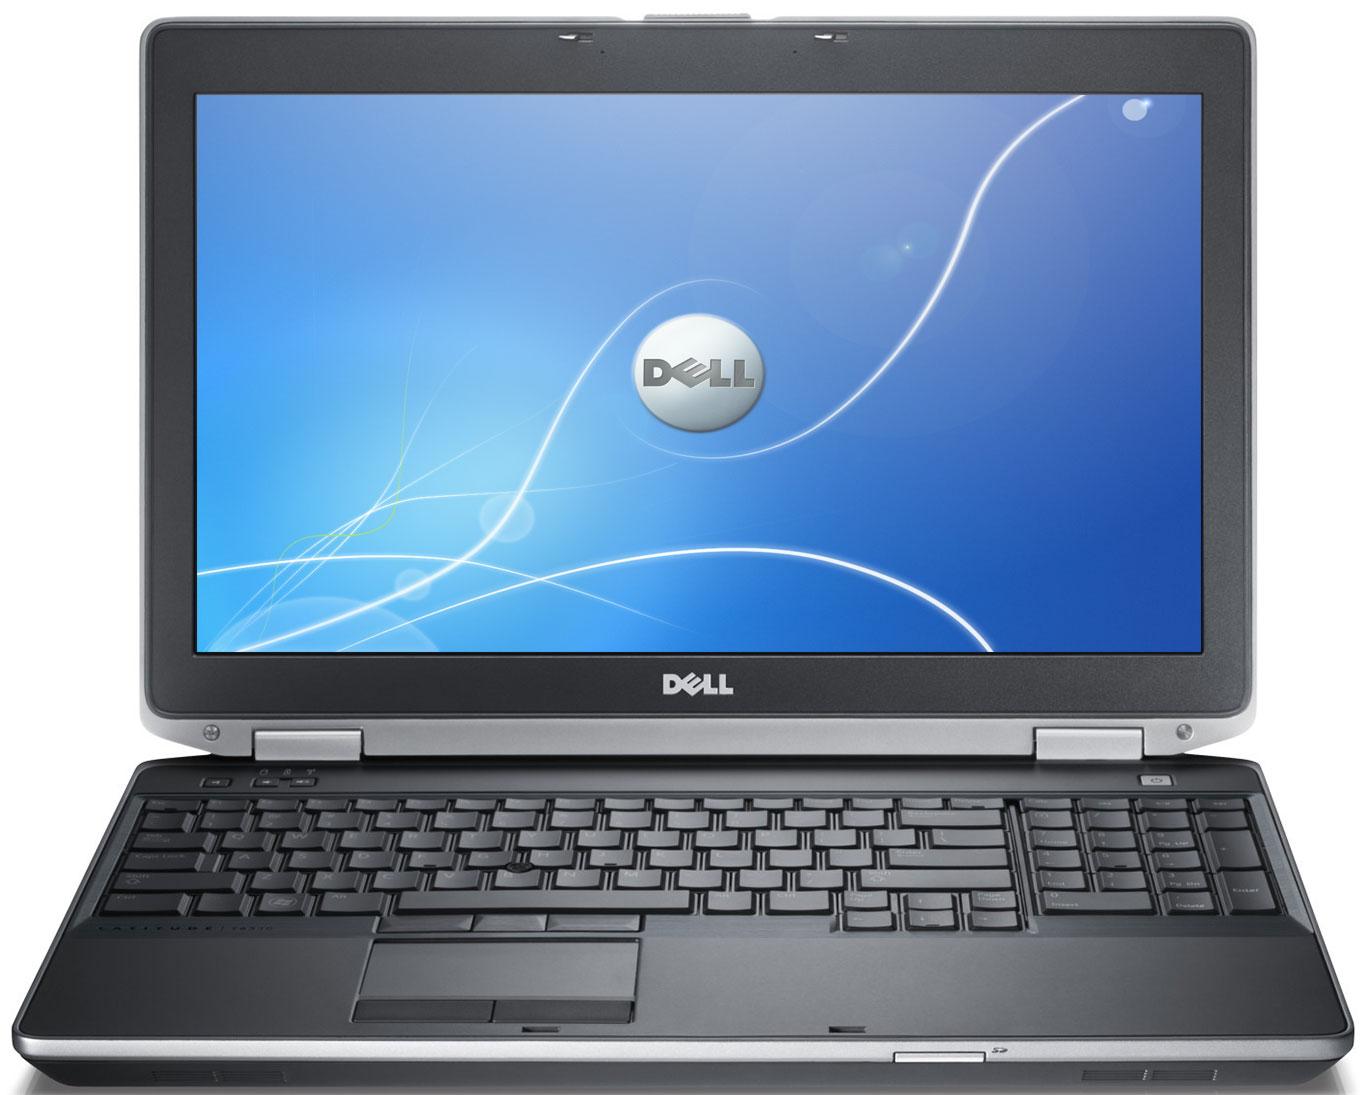 中古ノートパソコンDell Latitude E6530 E6530 【中古】 Dell Latitude E6530 中古ノートパソコンCore i7 Win7 Pro Dell Latitude E6530 中古ノートパソコンCore i7 Win7 Pro